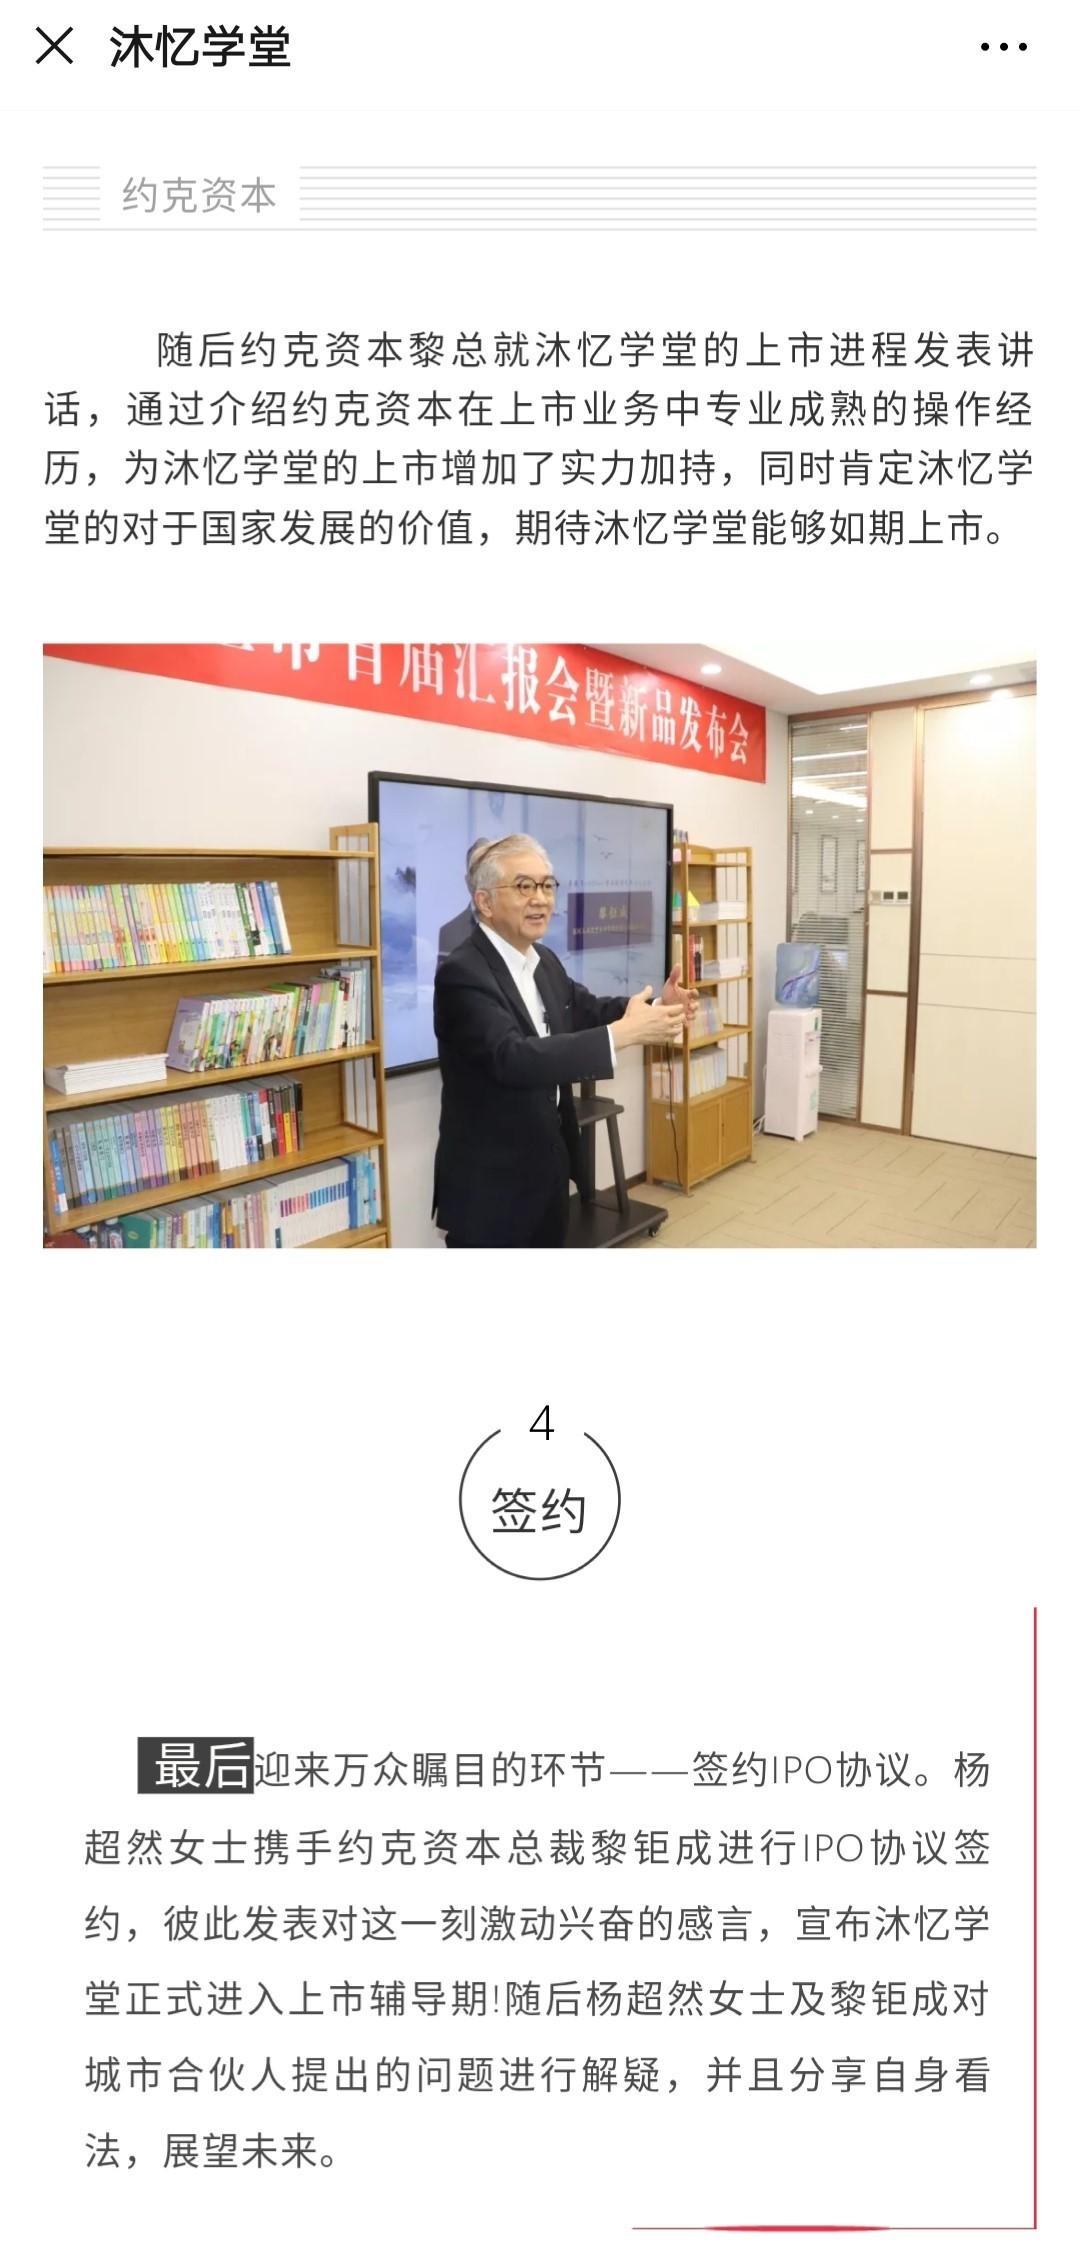 """当你用""""量子波动速读法""""12.5秒读完本文,会看到深圳这家想IPO"""